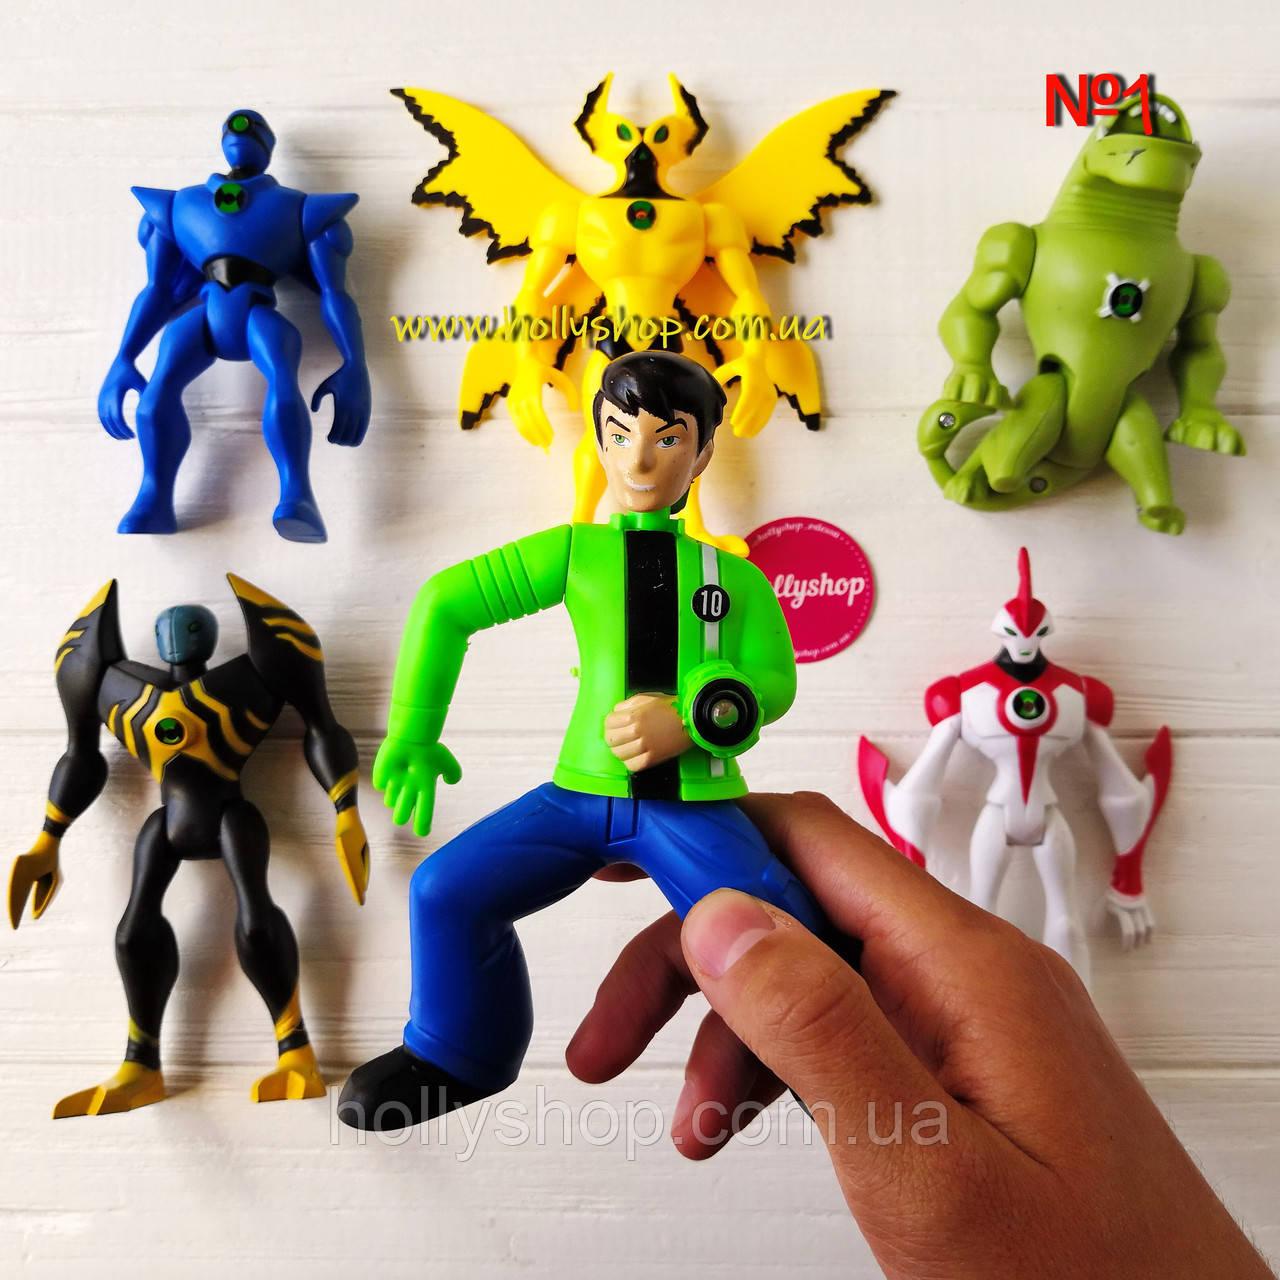 Игровой набор фигурок героев Ben 10 10-14 см + Свет №1